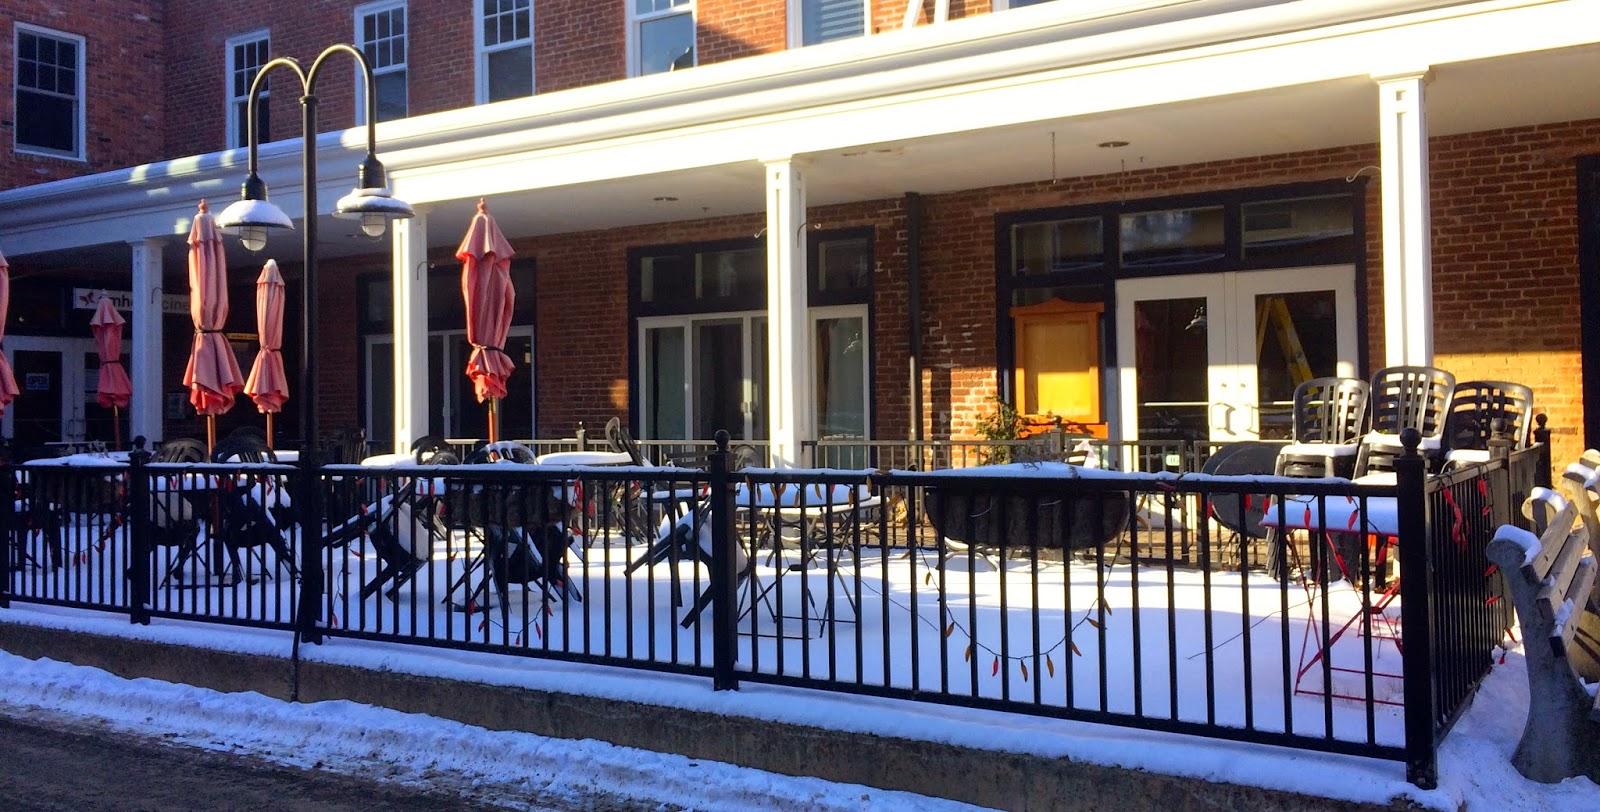 Tom S Restaurant Amherst